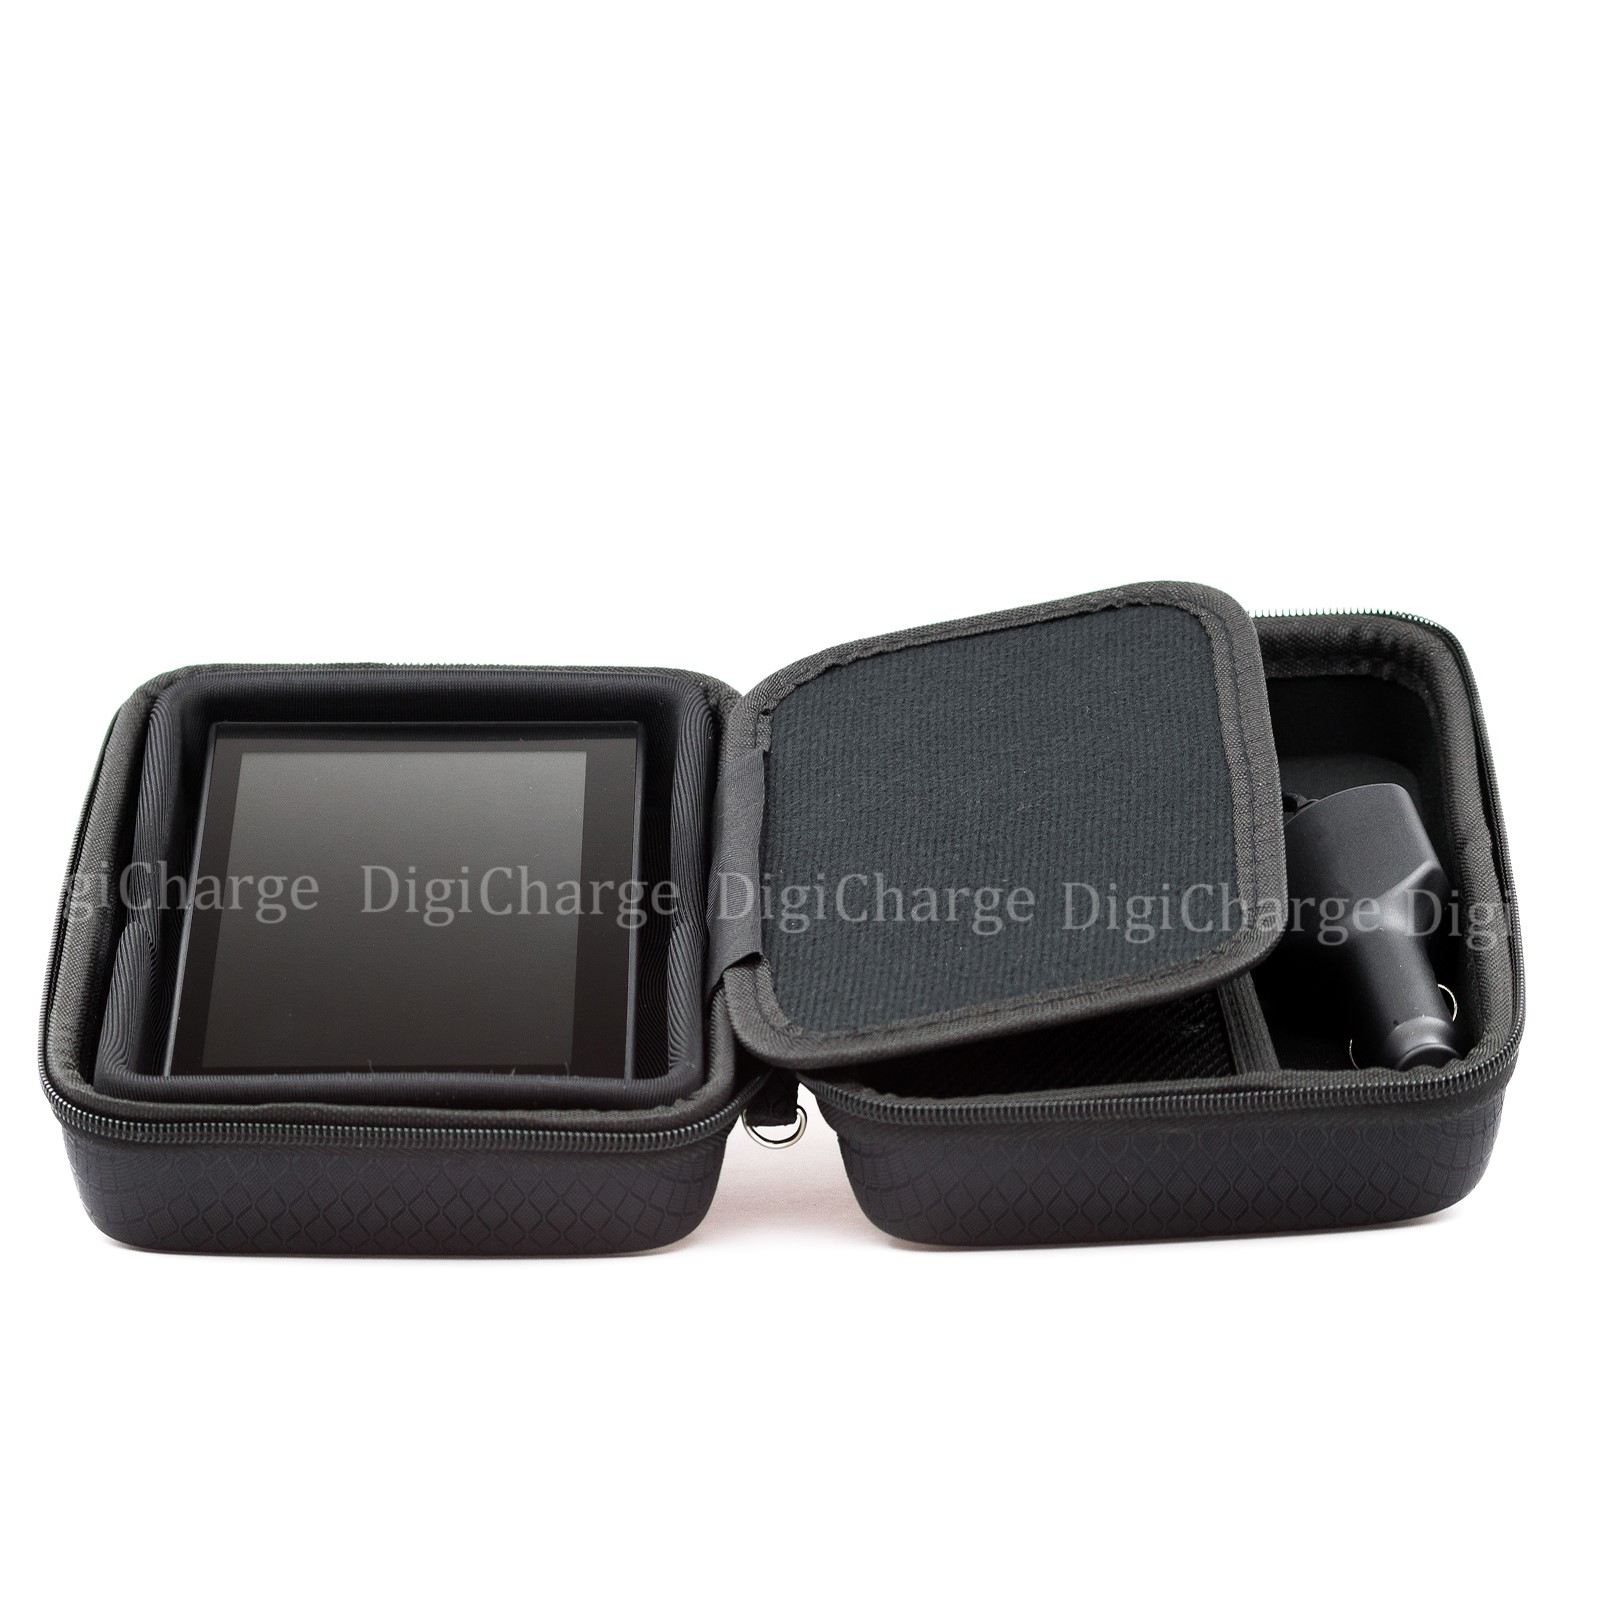 black hard case for garmin drive 61lmt s drivesmart 61 lmt. Black Bedroom Furniture Sets. Home Design Ideas